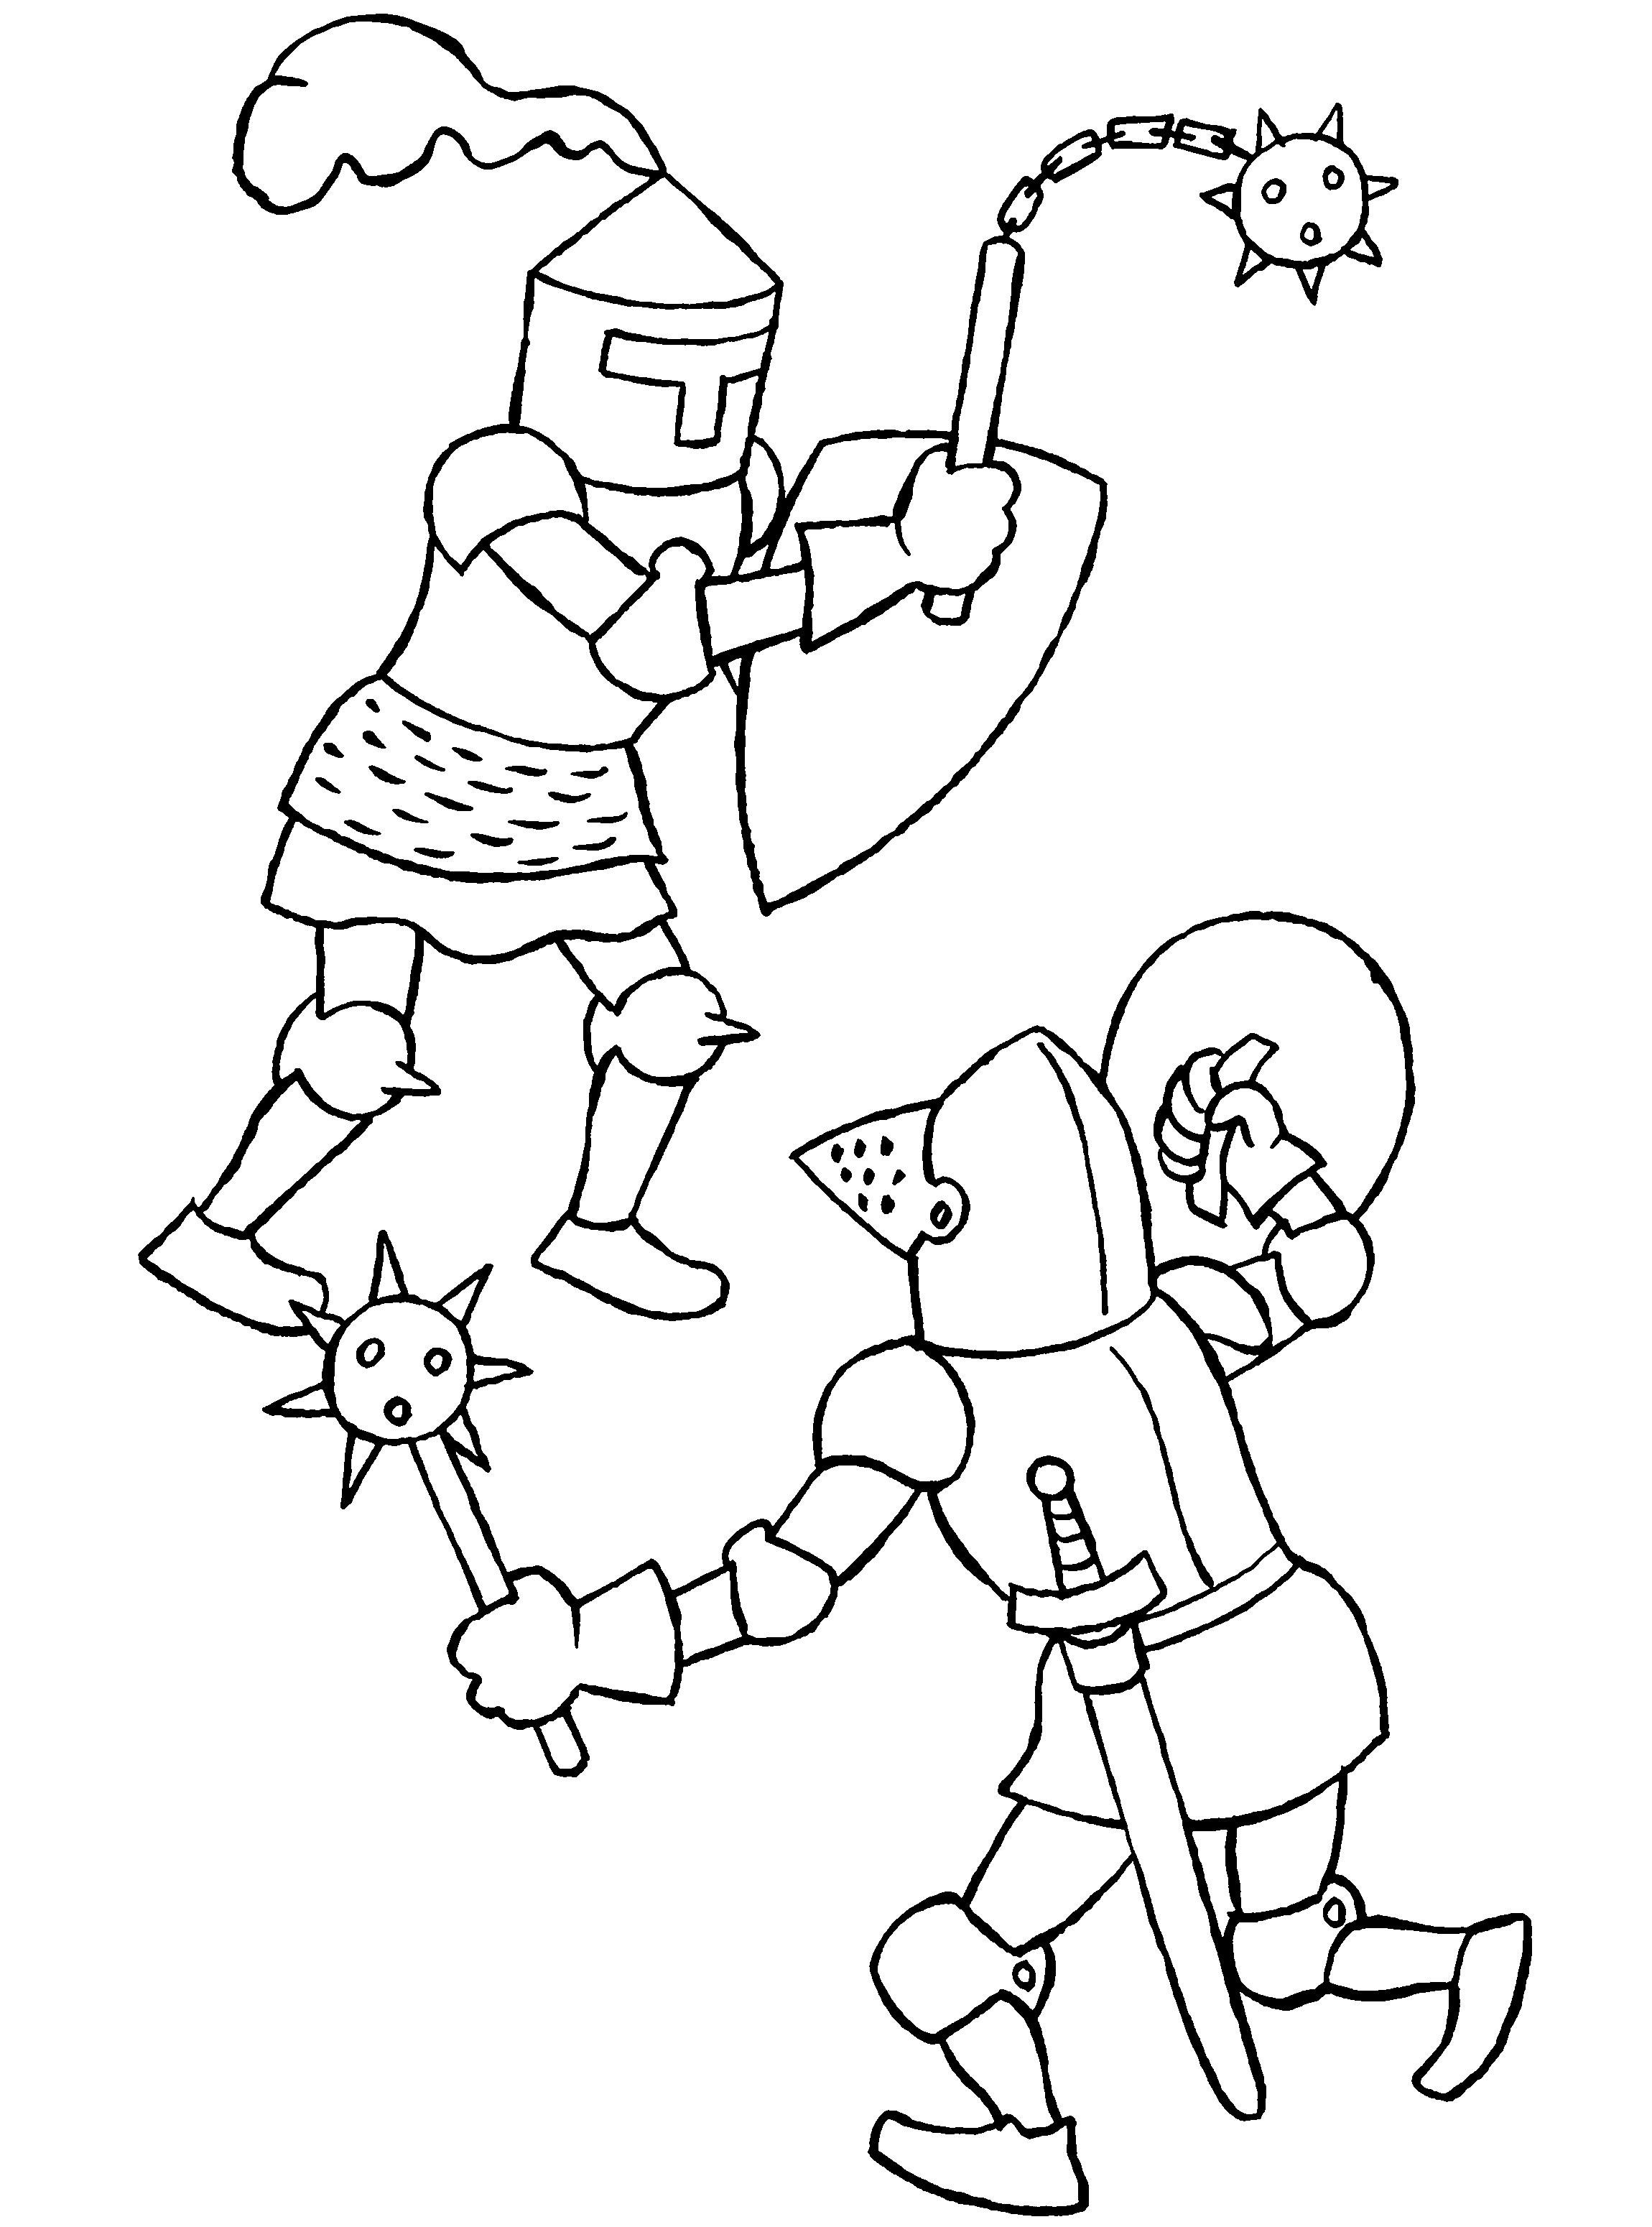 Gratis Kleurplaten Middeleeuwen.Twee Vechtende Ridders Ridders Kasteel En Kleurplaten